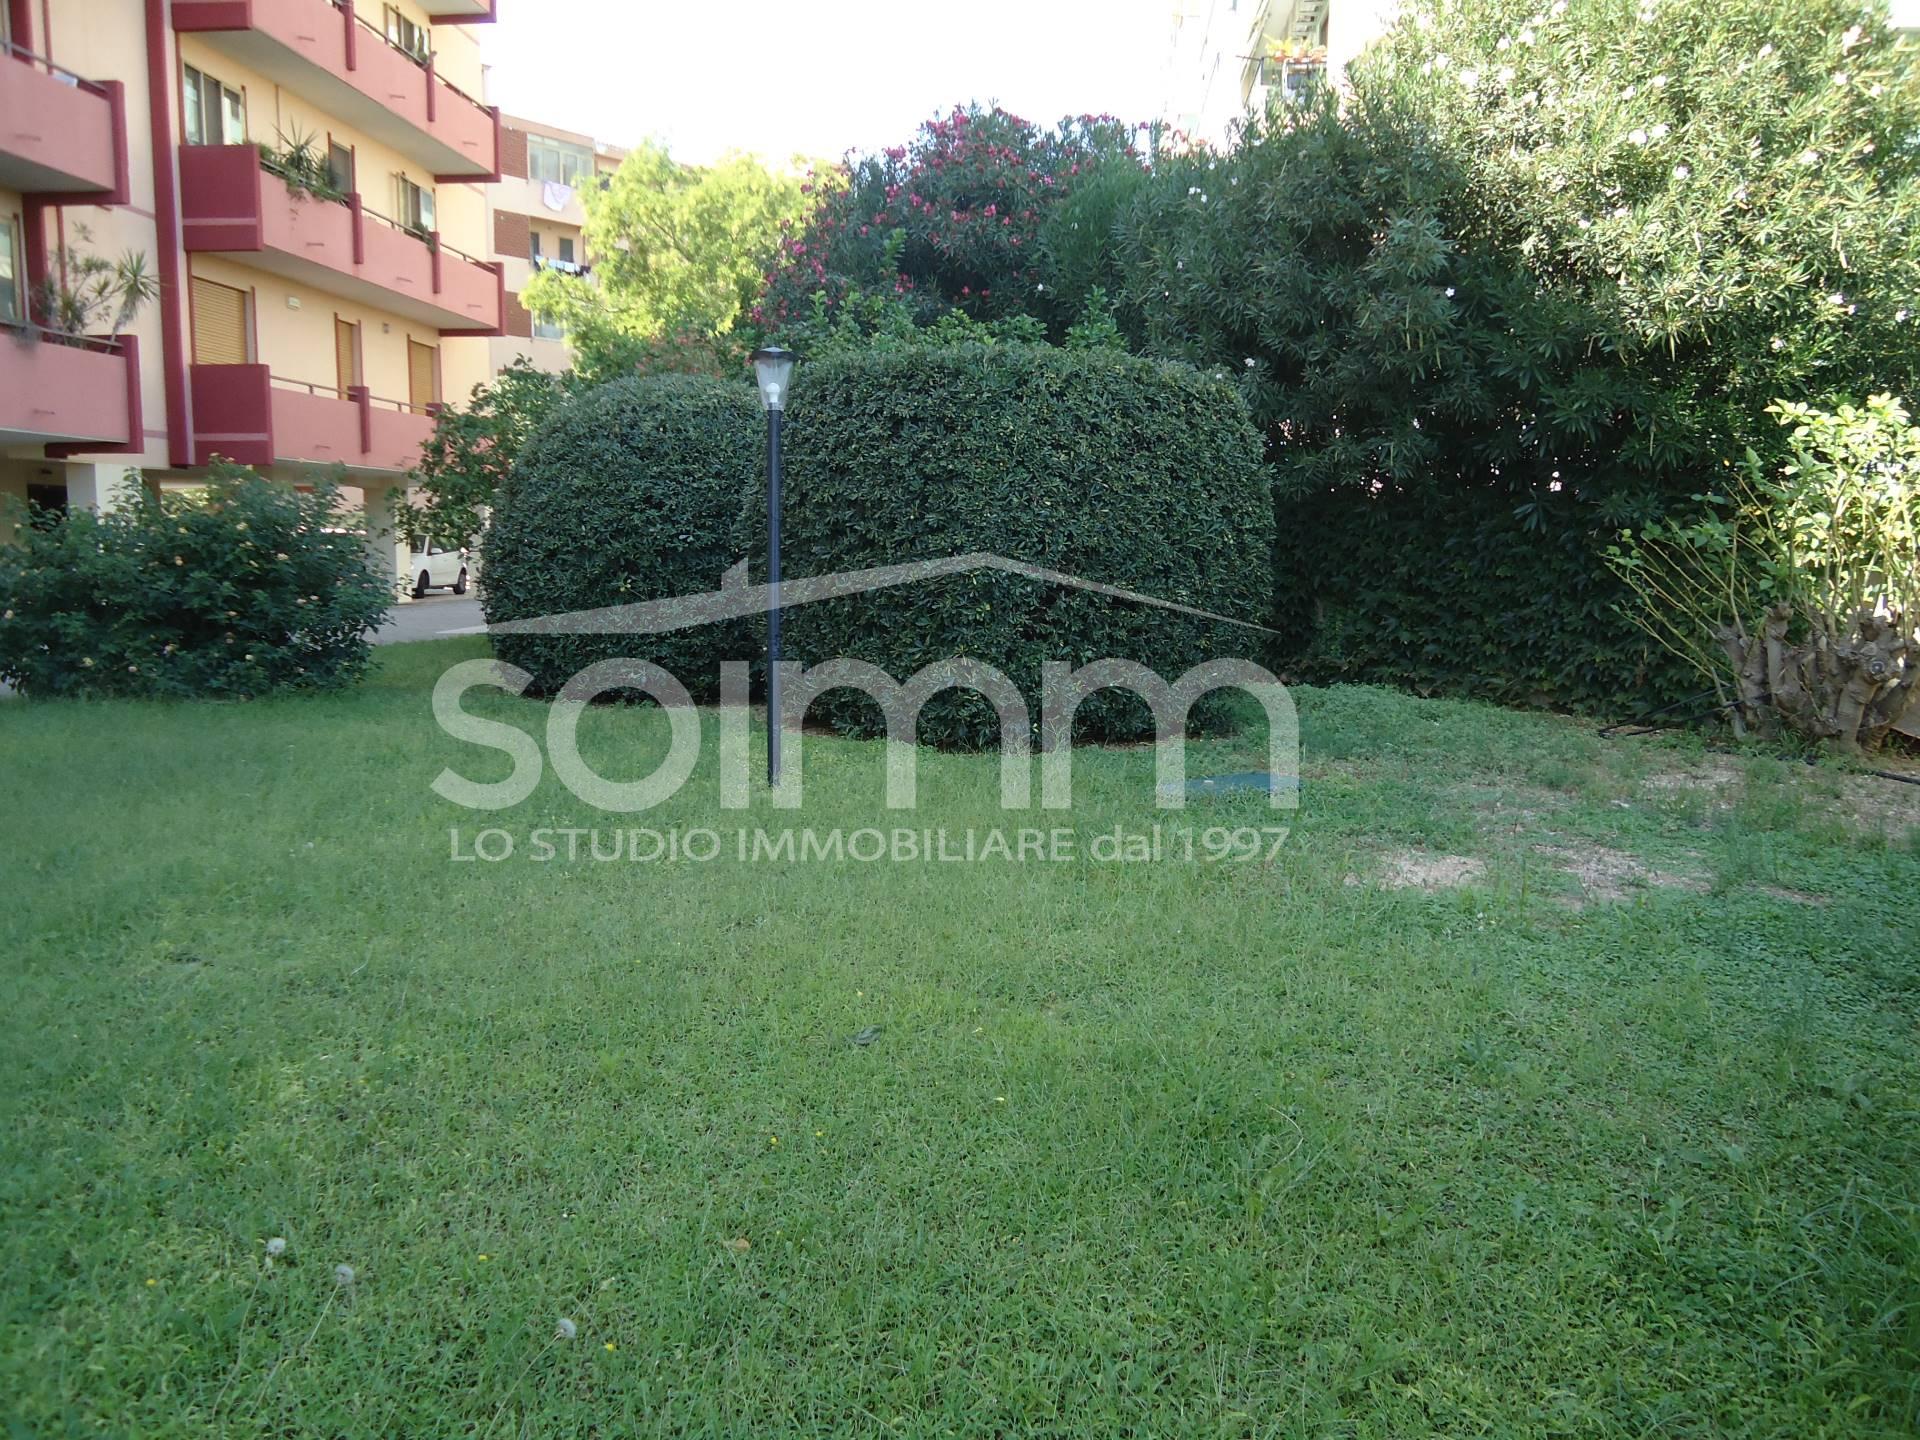 Appartamento in Vendita a Cagliari - Cod. ap113